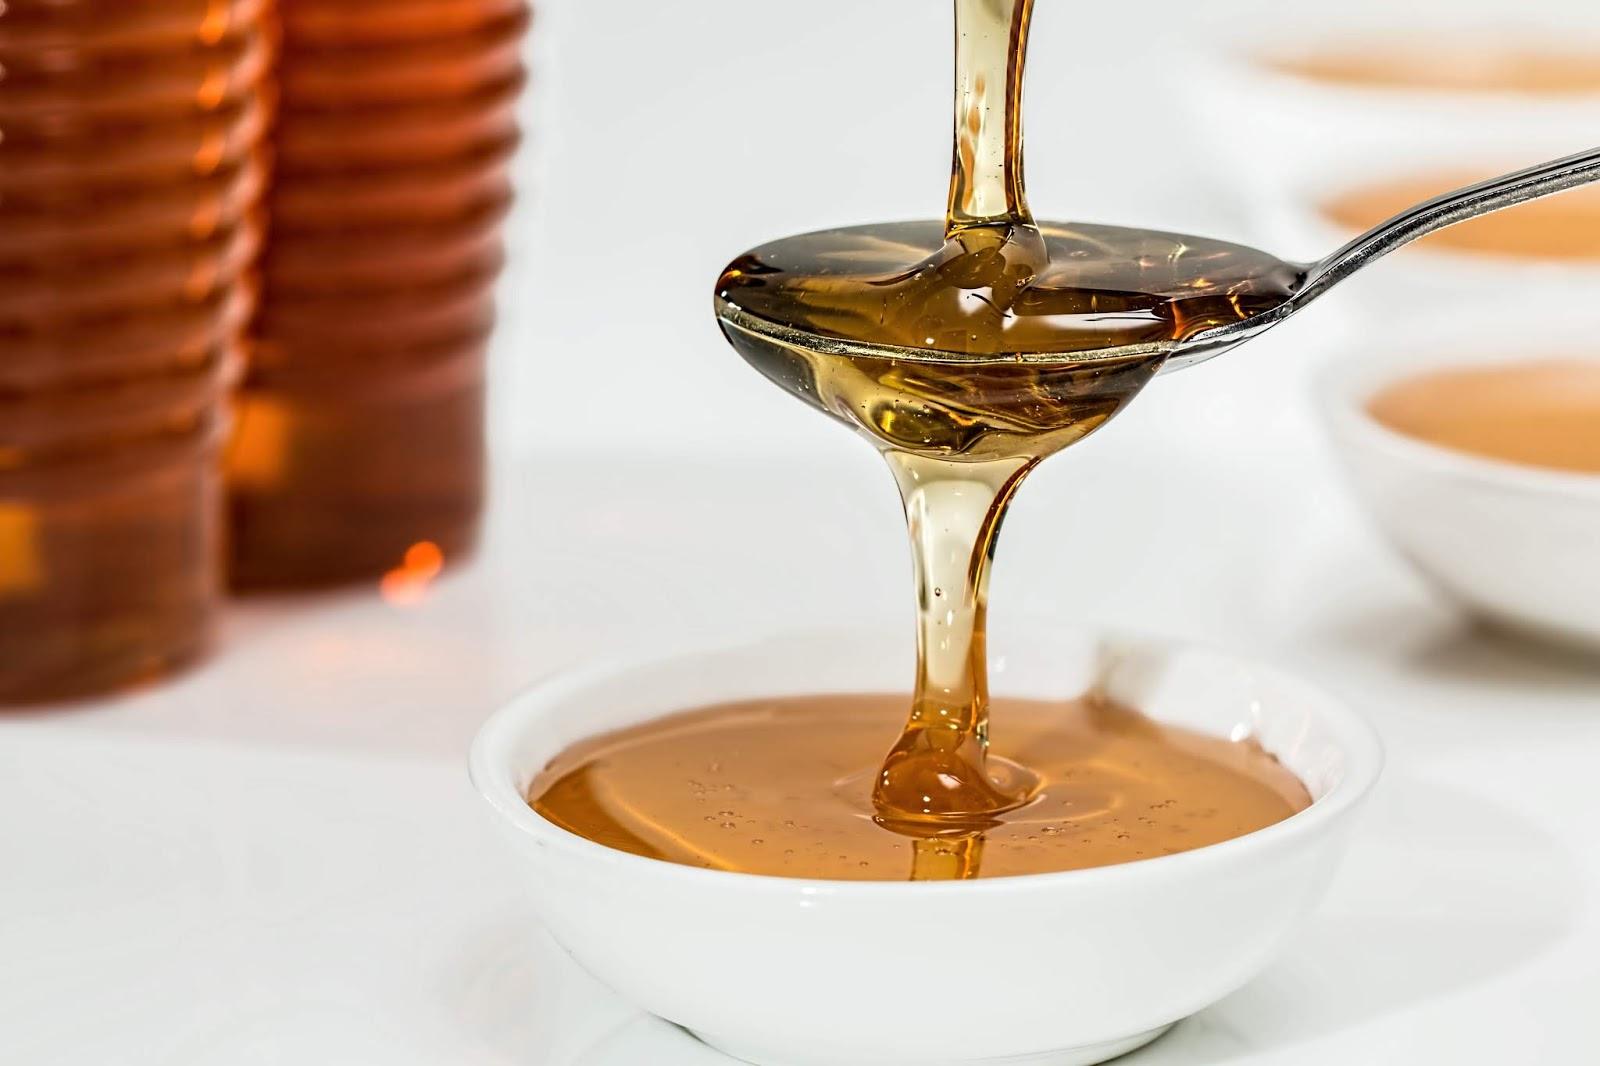 कच्चे शहद के पोषण तथ्य और स्वास्थ्य लाभ | Nutrition Facts & Health Benefits Of Raw Honey in Hindi